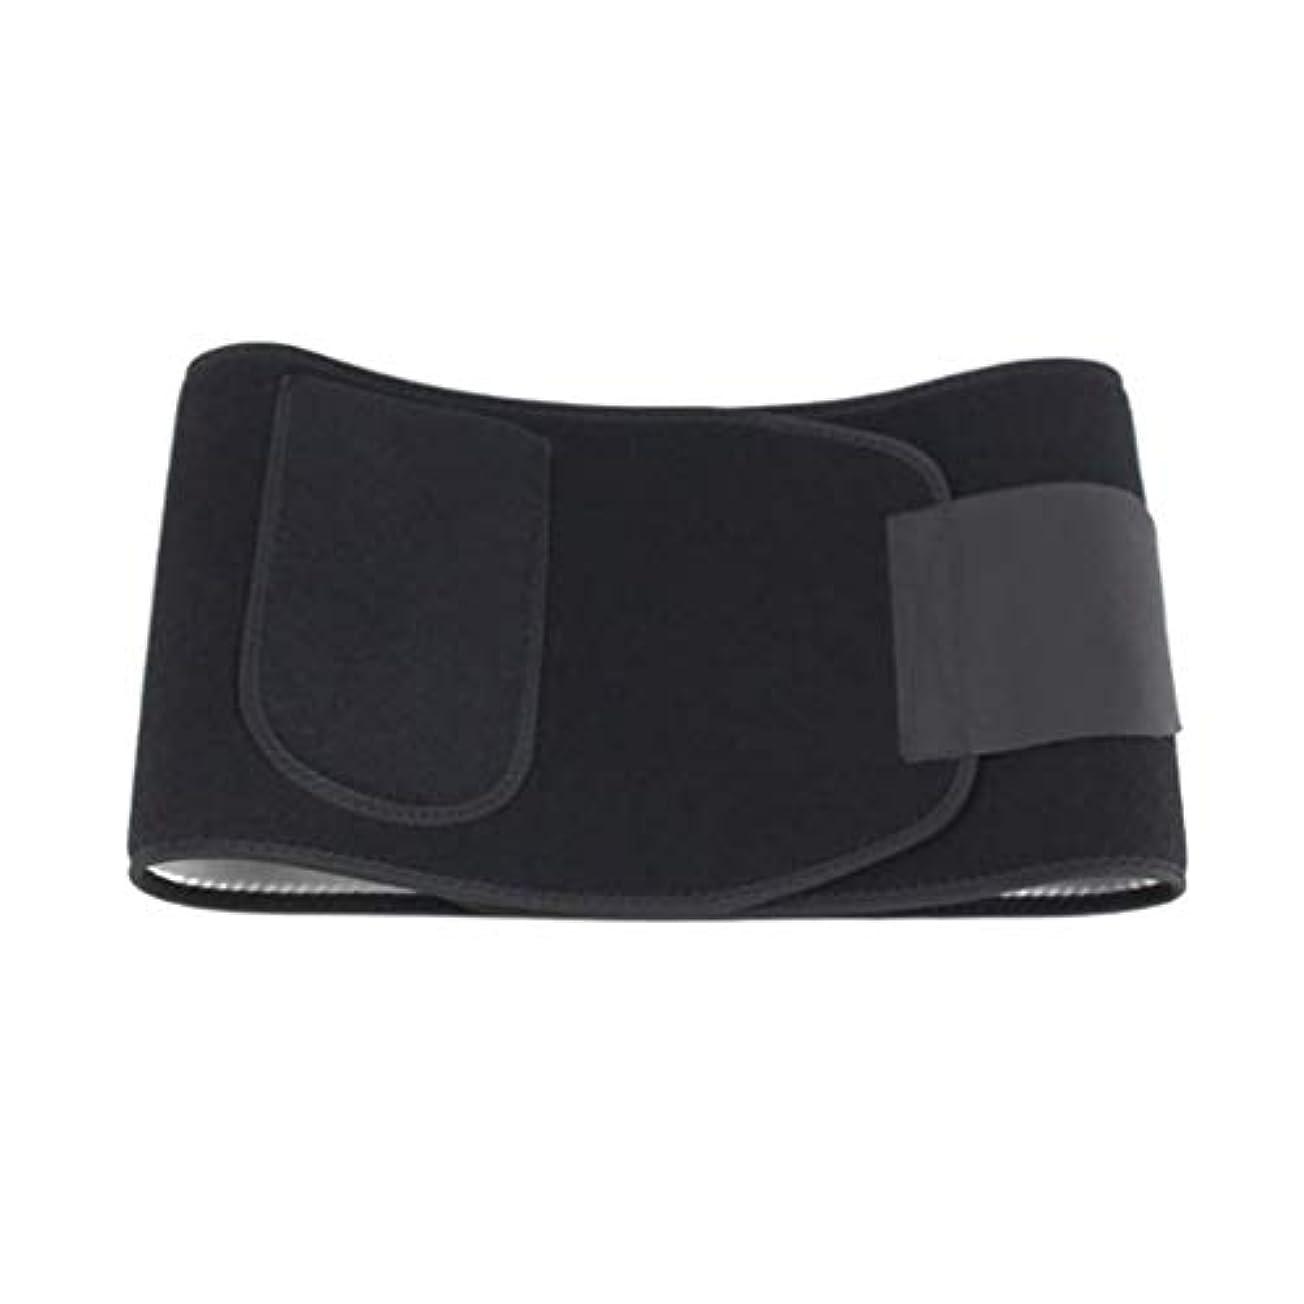 手数料分注するウェイドウエスト/腰暖かいベルト、携帯用バックサポートベルト、ワーキング/スポーツ/フィットネスのために適切な弾性シェーピングスリミングスポーツベルト、